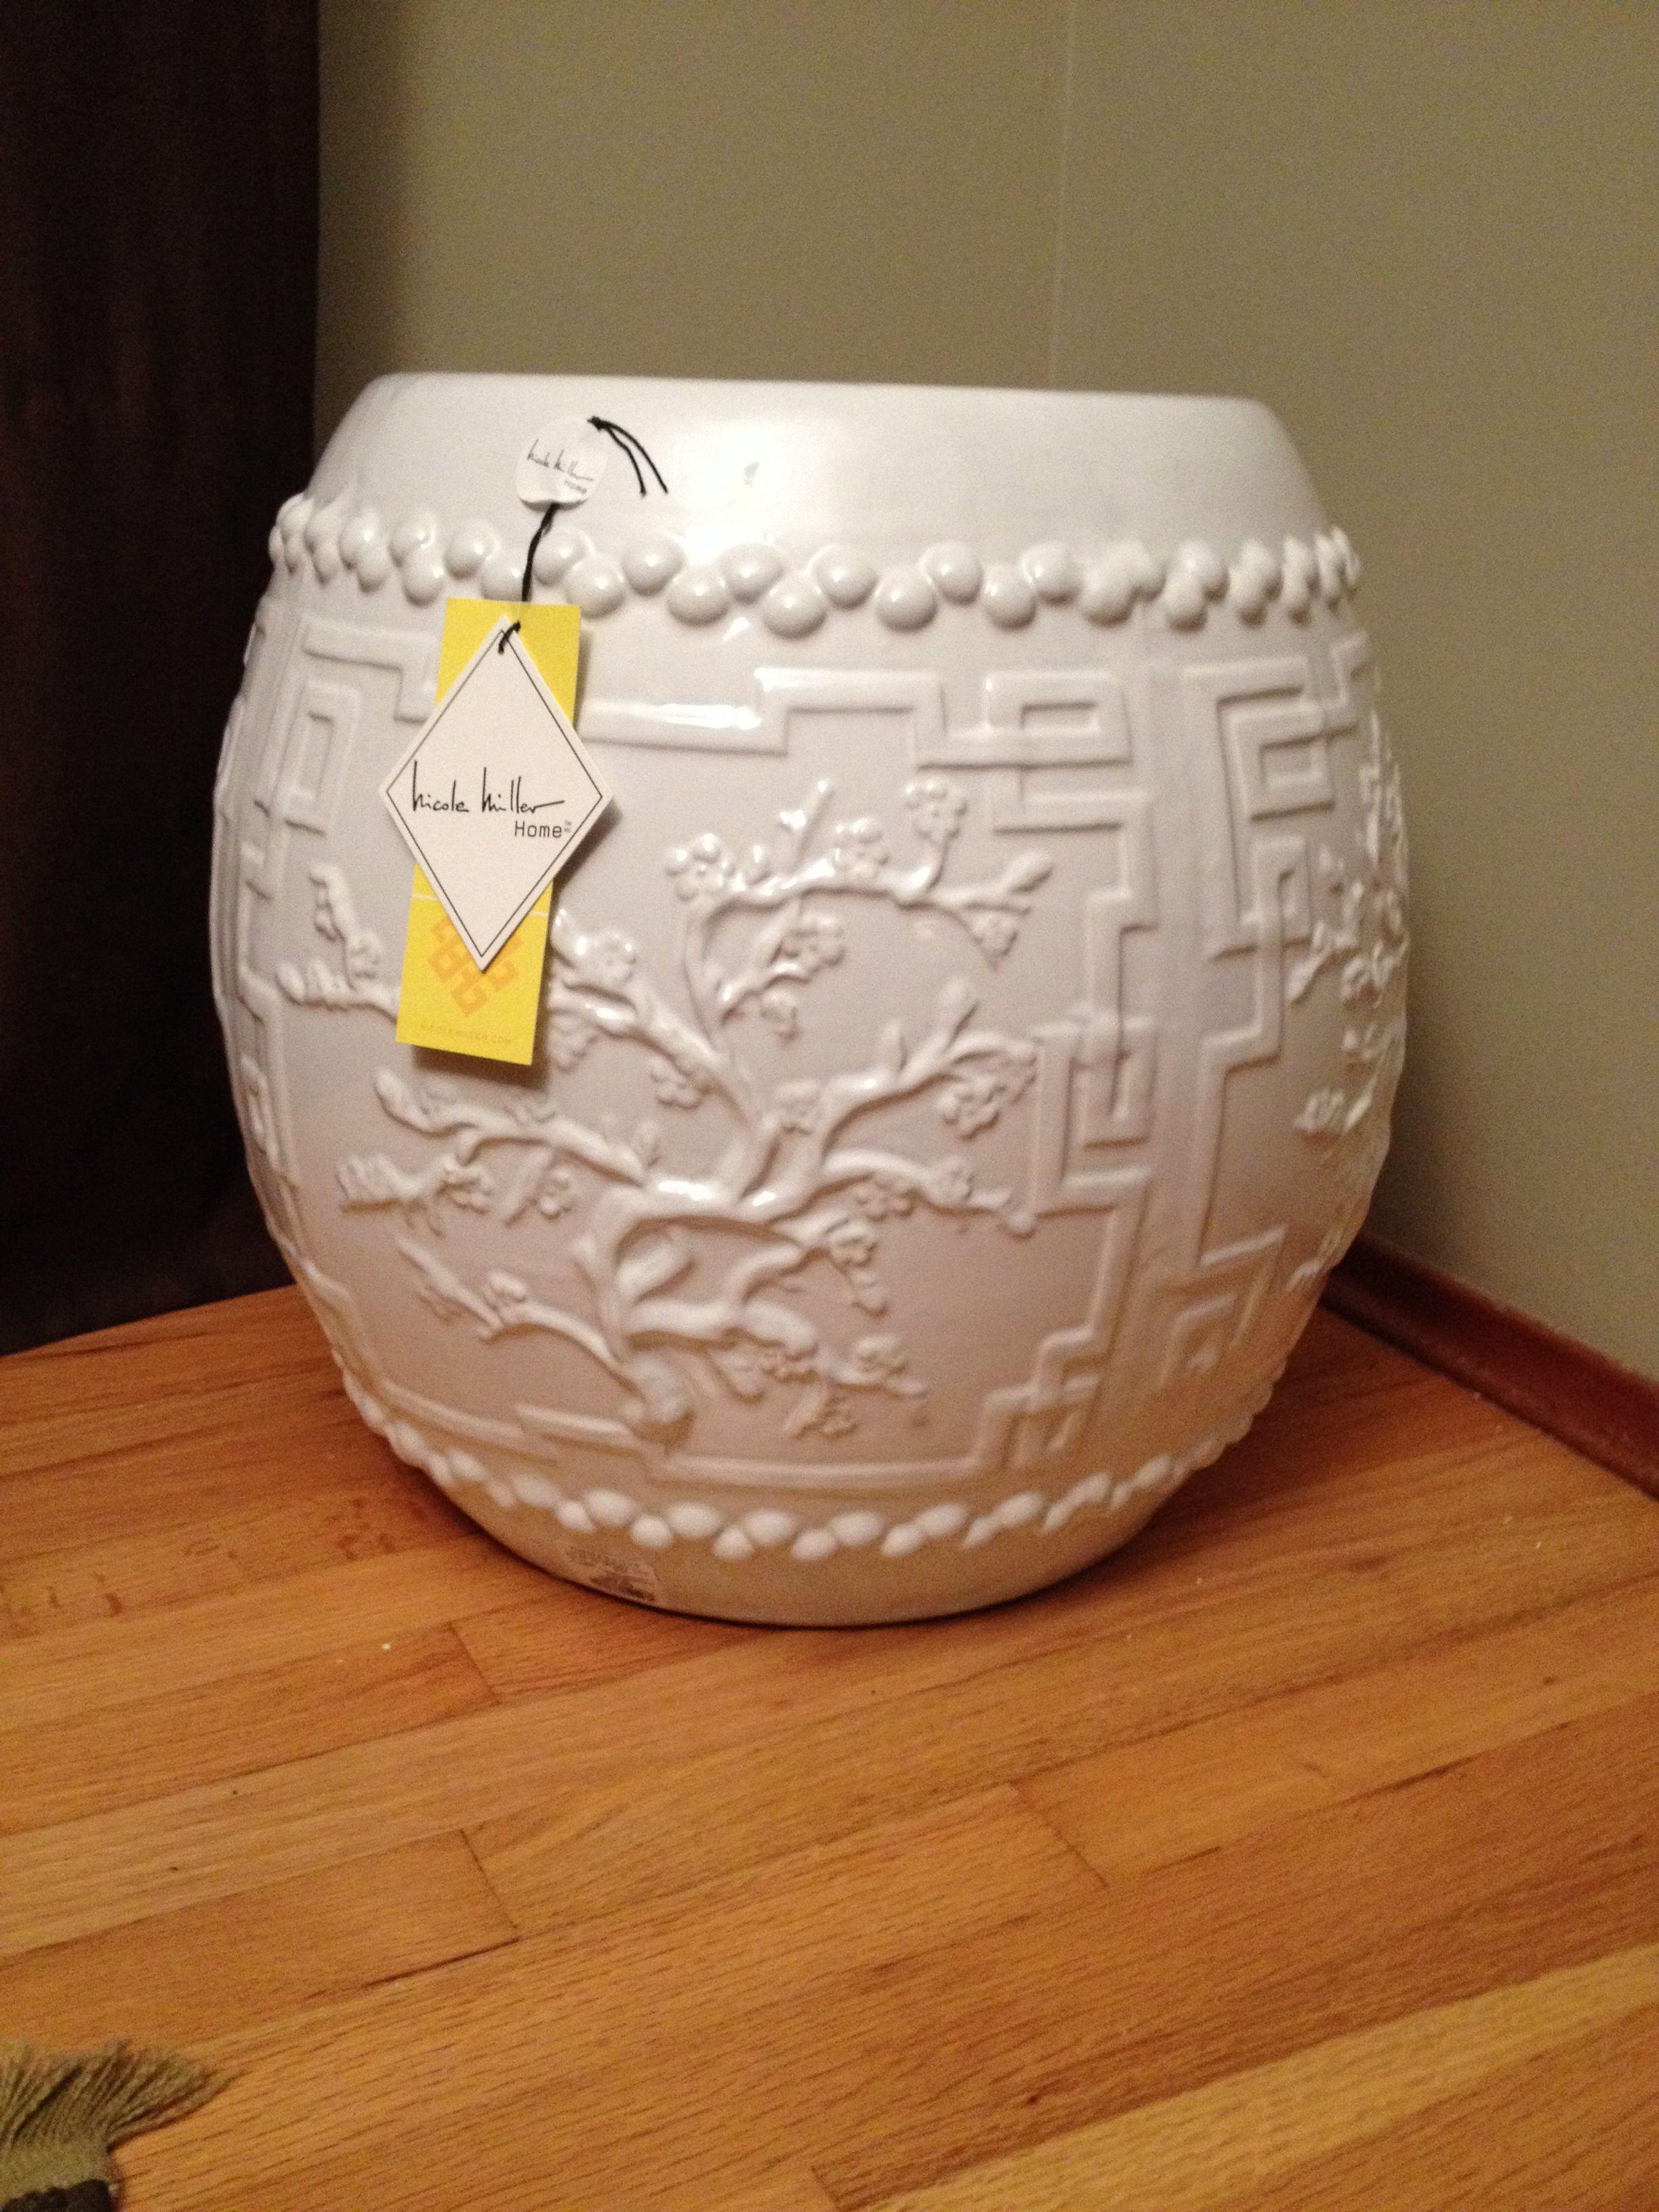 Large White Nicole Miller Cherry Blossom Garden Stool Homesense With Images Garden Stool Blossom Garden Decor